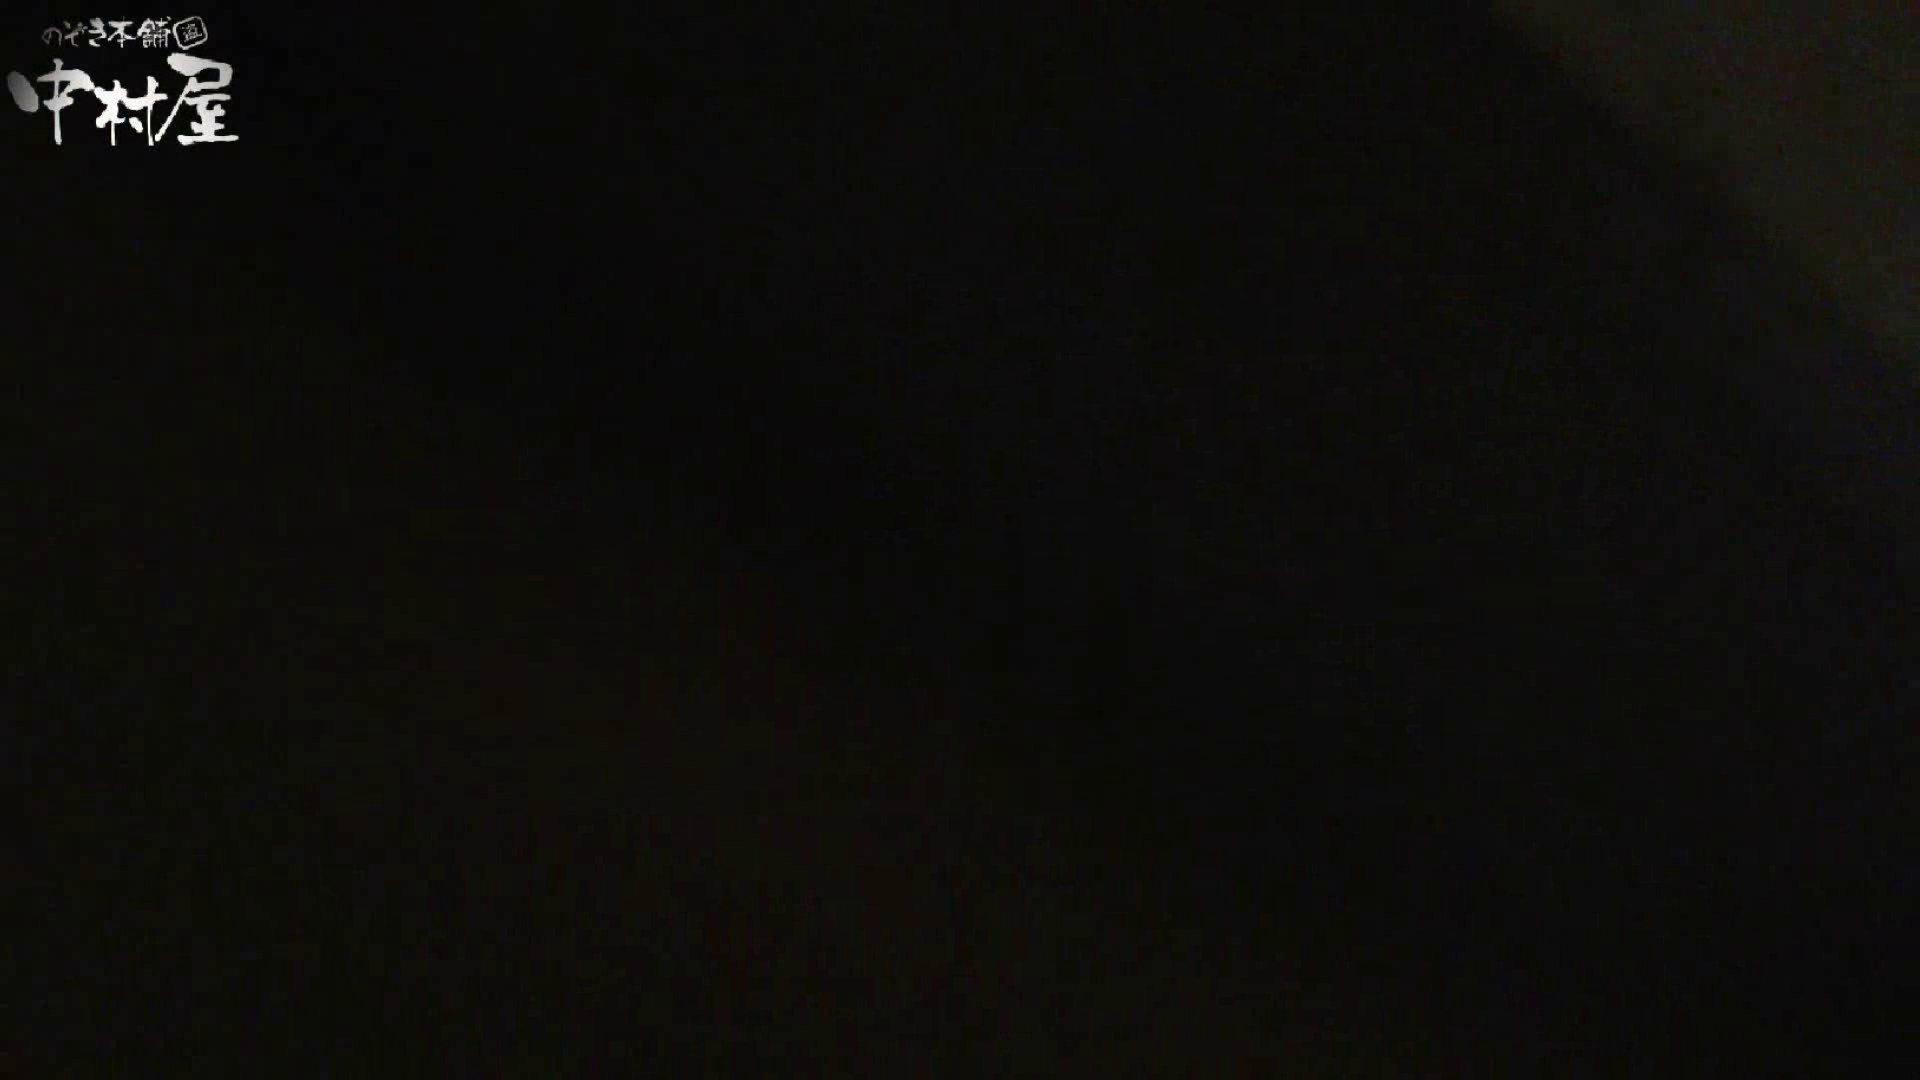 部活女子トイレ潜入編vol.6 綺麗なOLたち おまんこ無修正動画無料 75枚 22